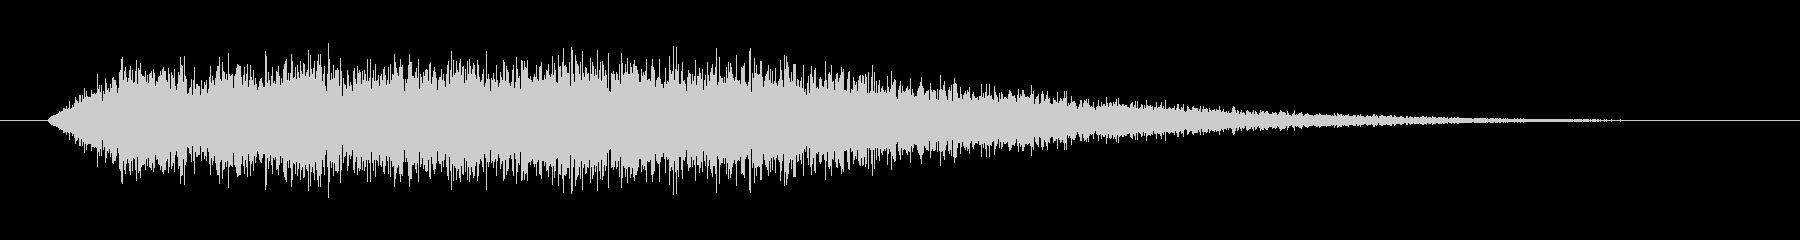 ステータス上昇魔法(キャラクター強化)の未再生の波形